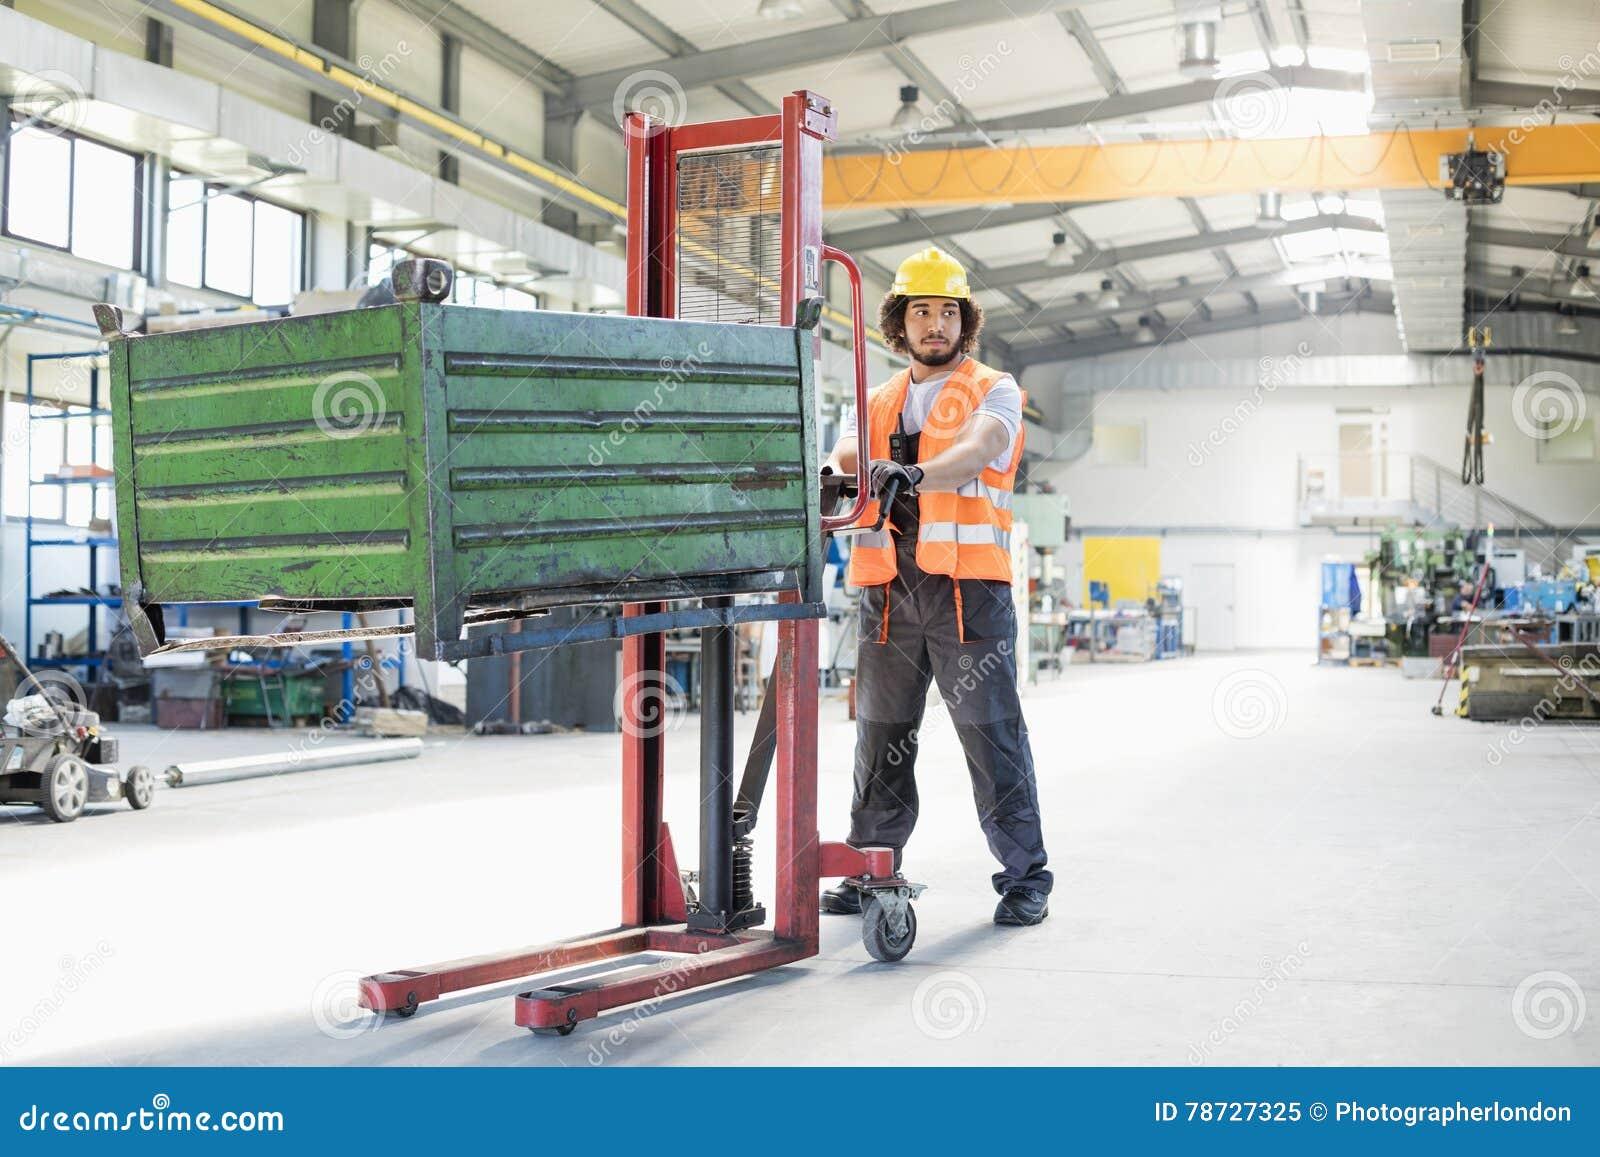 Full längd av den unga driftiga handlastbilen för manuell arbetare med heavy metal i bransch